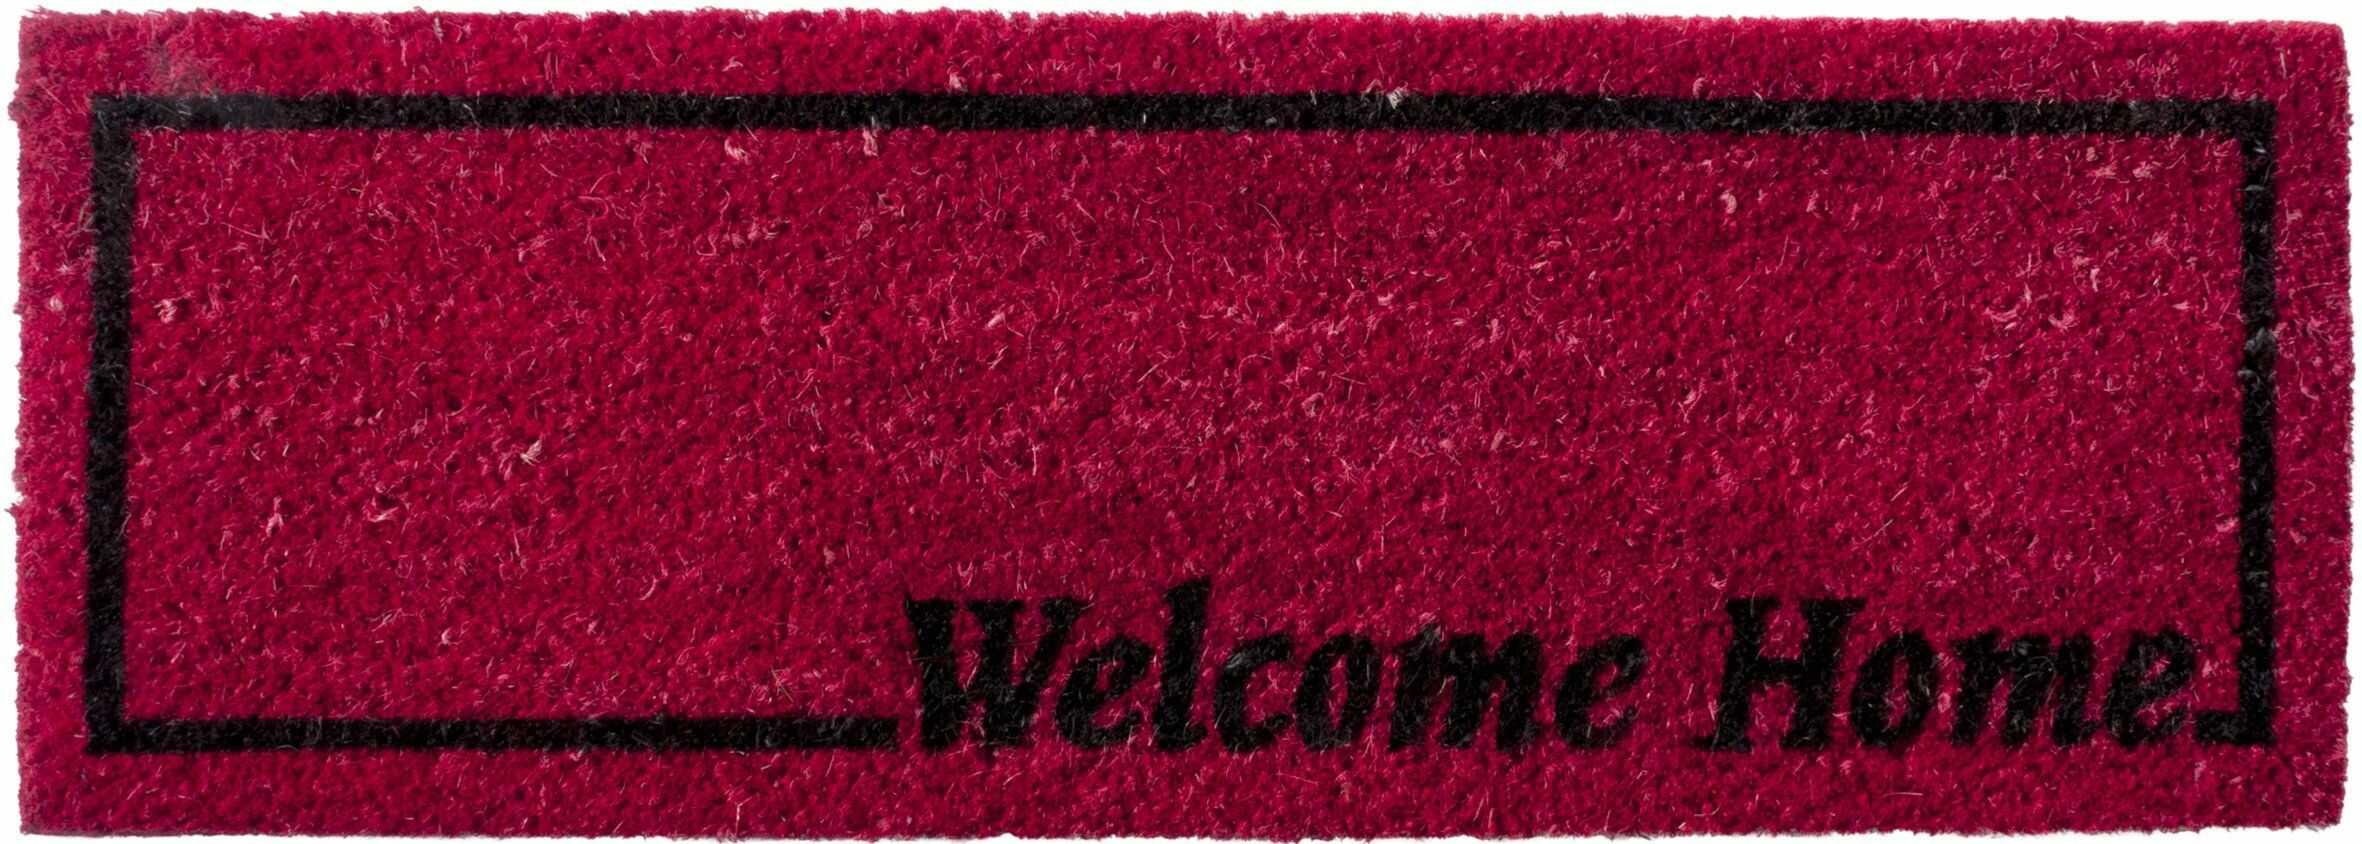 HMT 14771126 wycieraczka Welcome Home, włókno kokosowe, 26 x 75 cm, czerwona